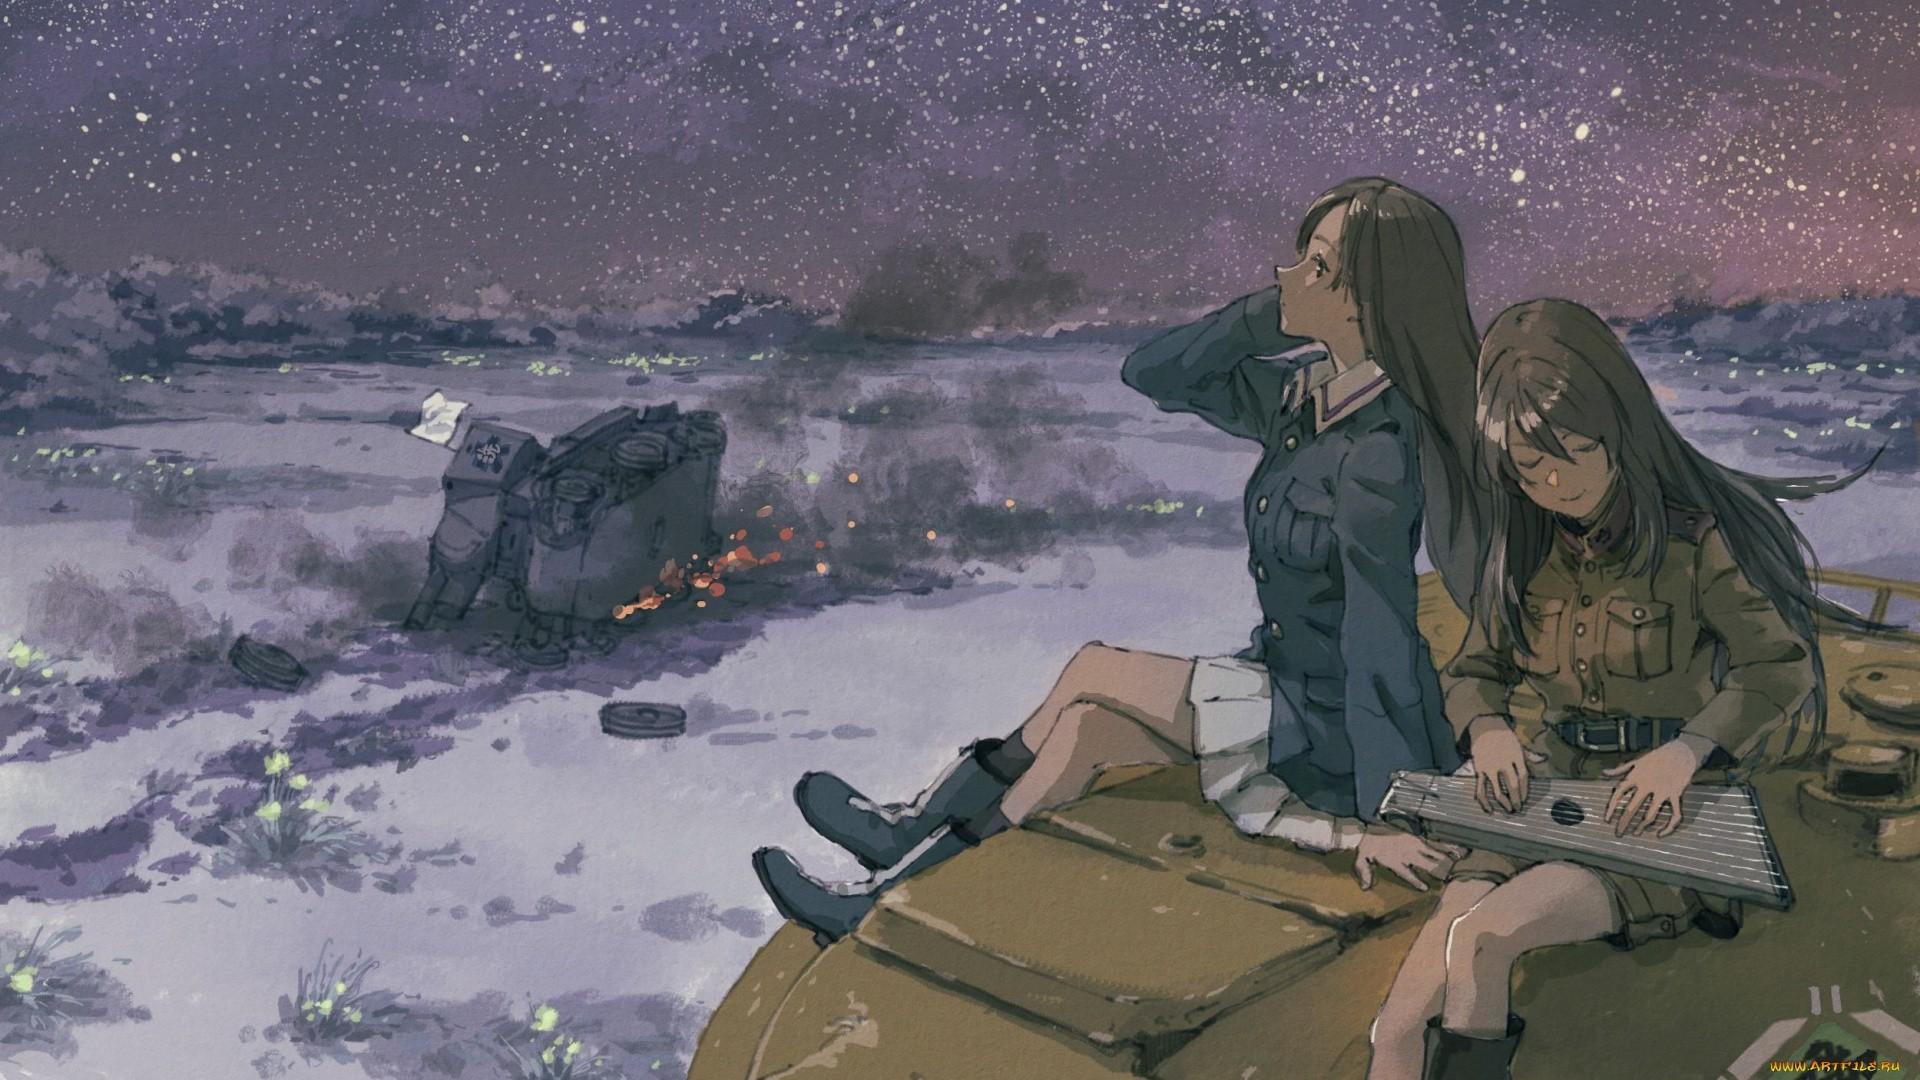 Girls Und Panzer Free Desktop Wallpaper